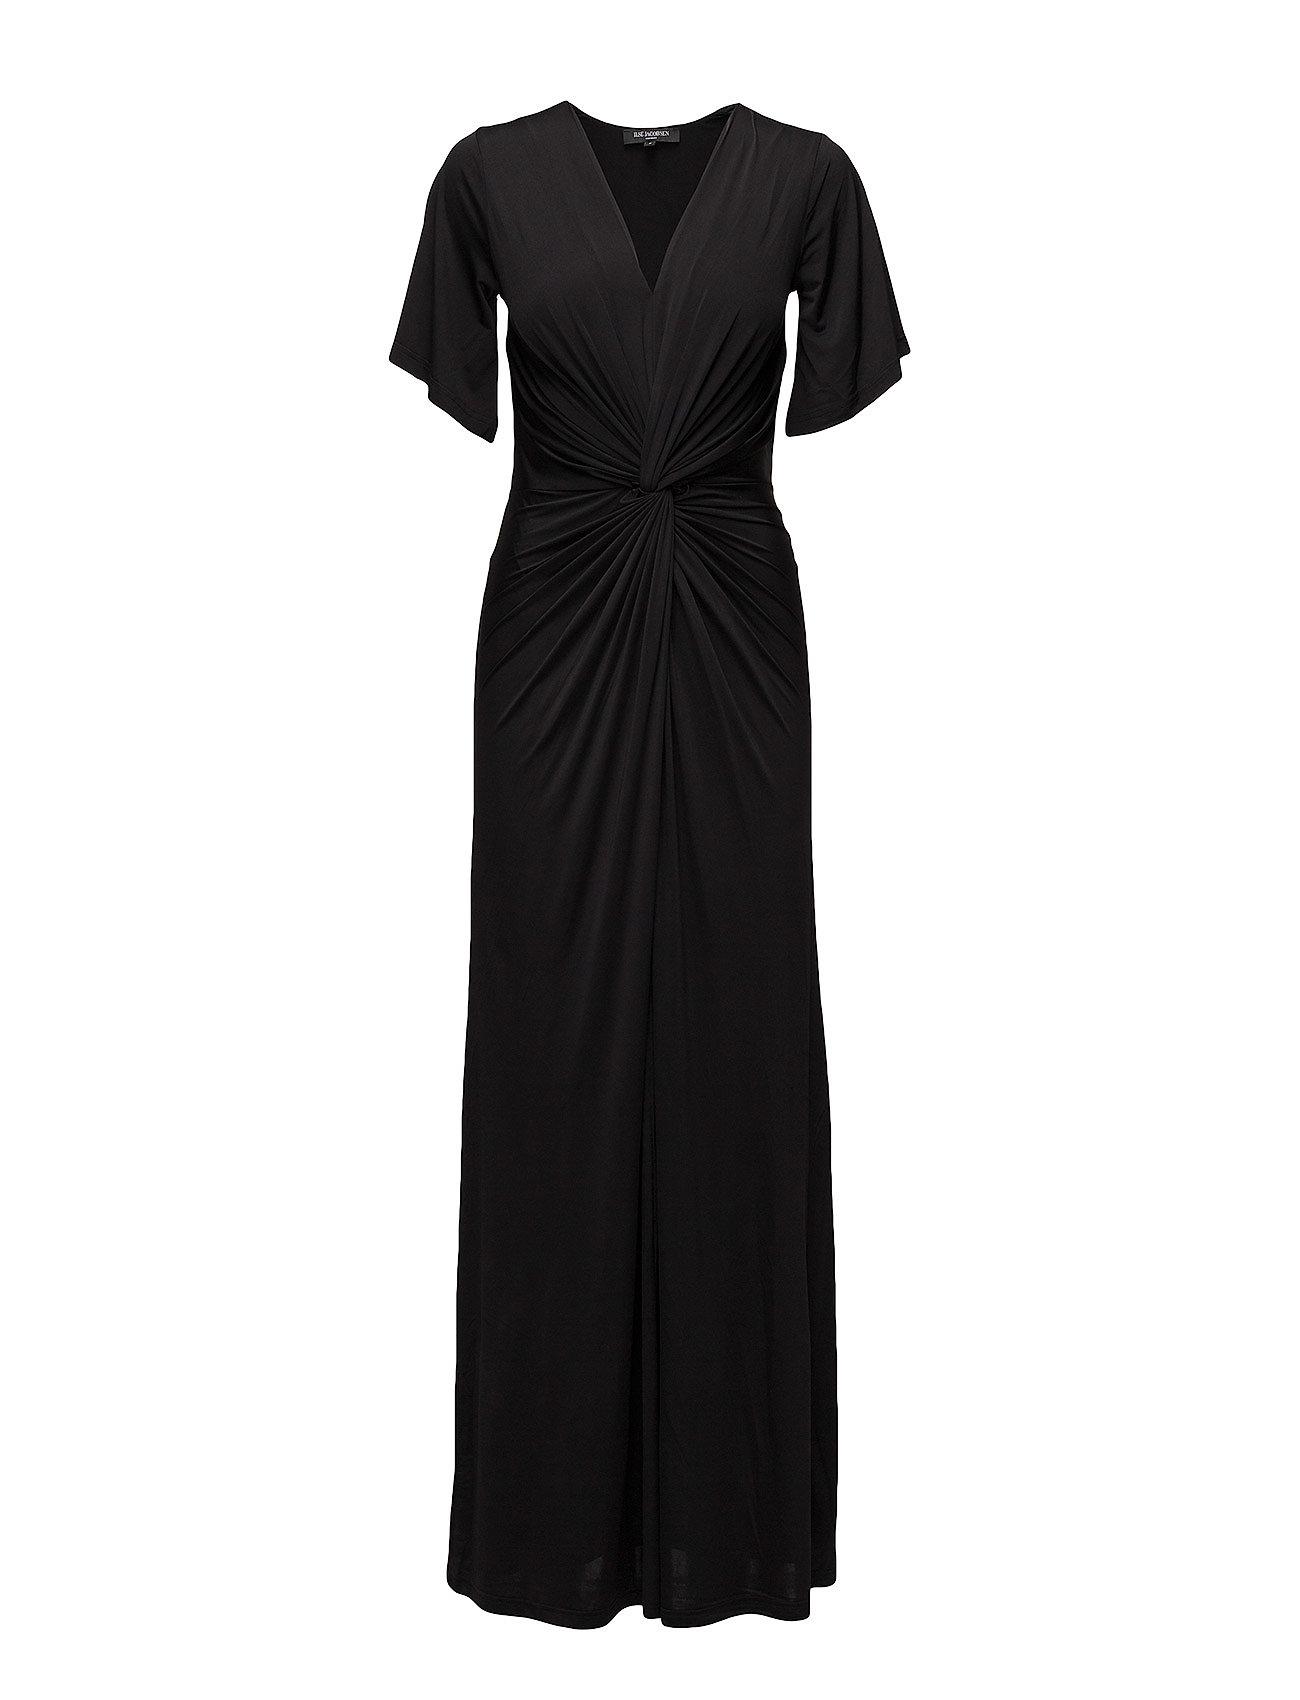 8017860d6997 Long Dress (Black) (625 kr) - Ilse Jacobsen -